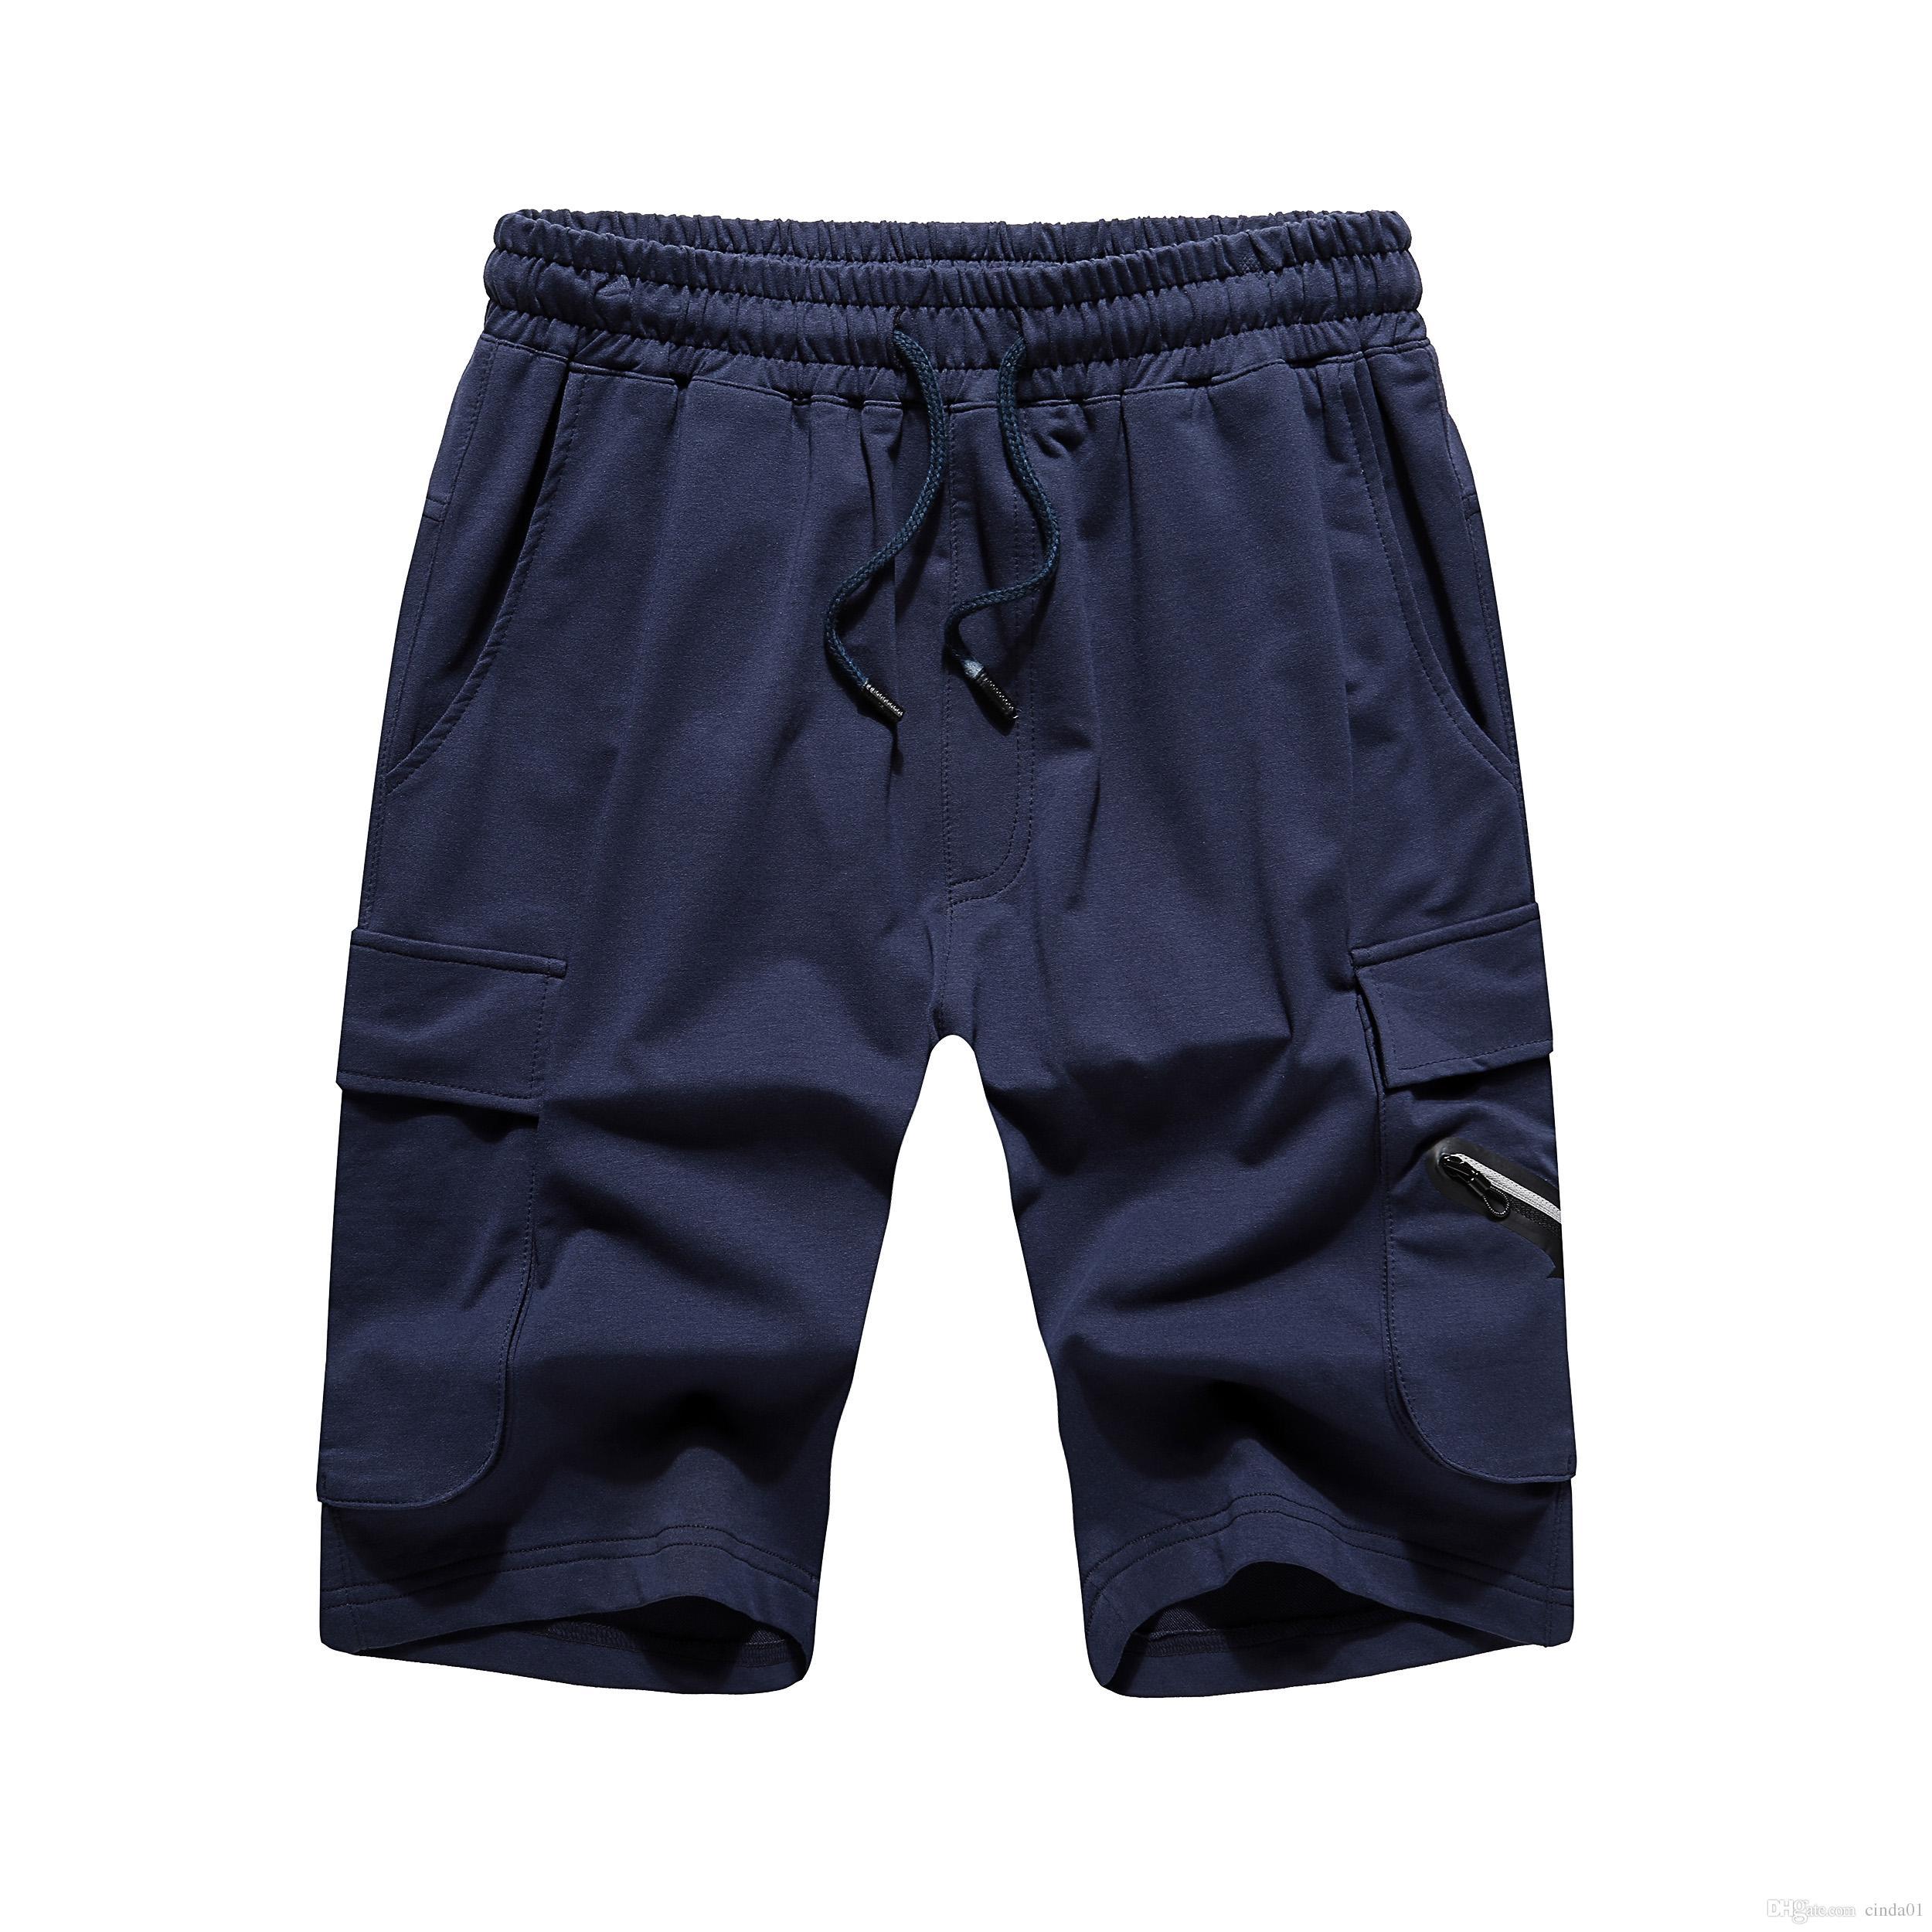 476bdfedde95f Compre Pantalones Cortos De Diseñador Para Mujer Para Hombre Pantalones De  Carga Ocasionales Con Bolsillos Pantalones Cortos Deportivos Pantalones  Cortos De ...